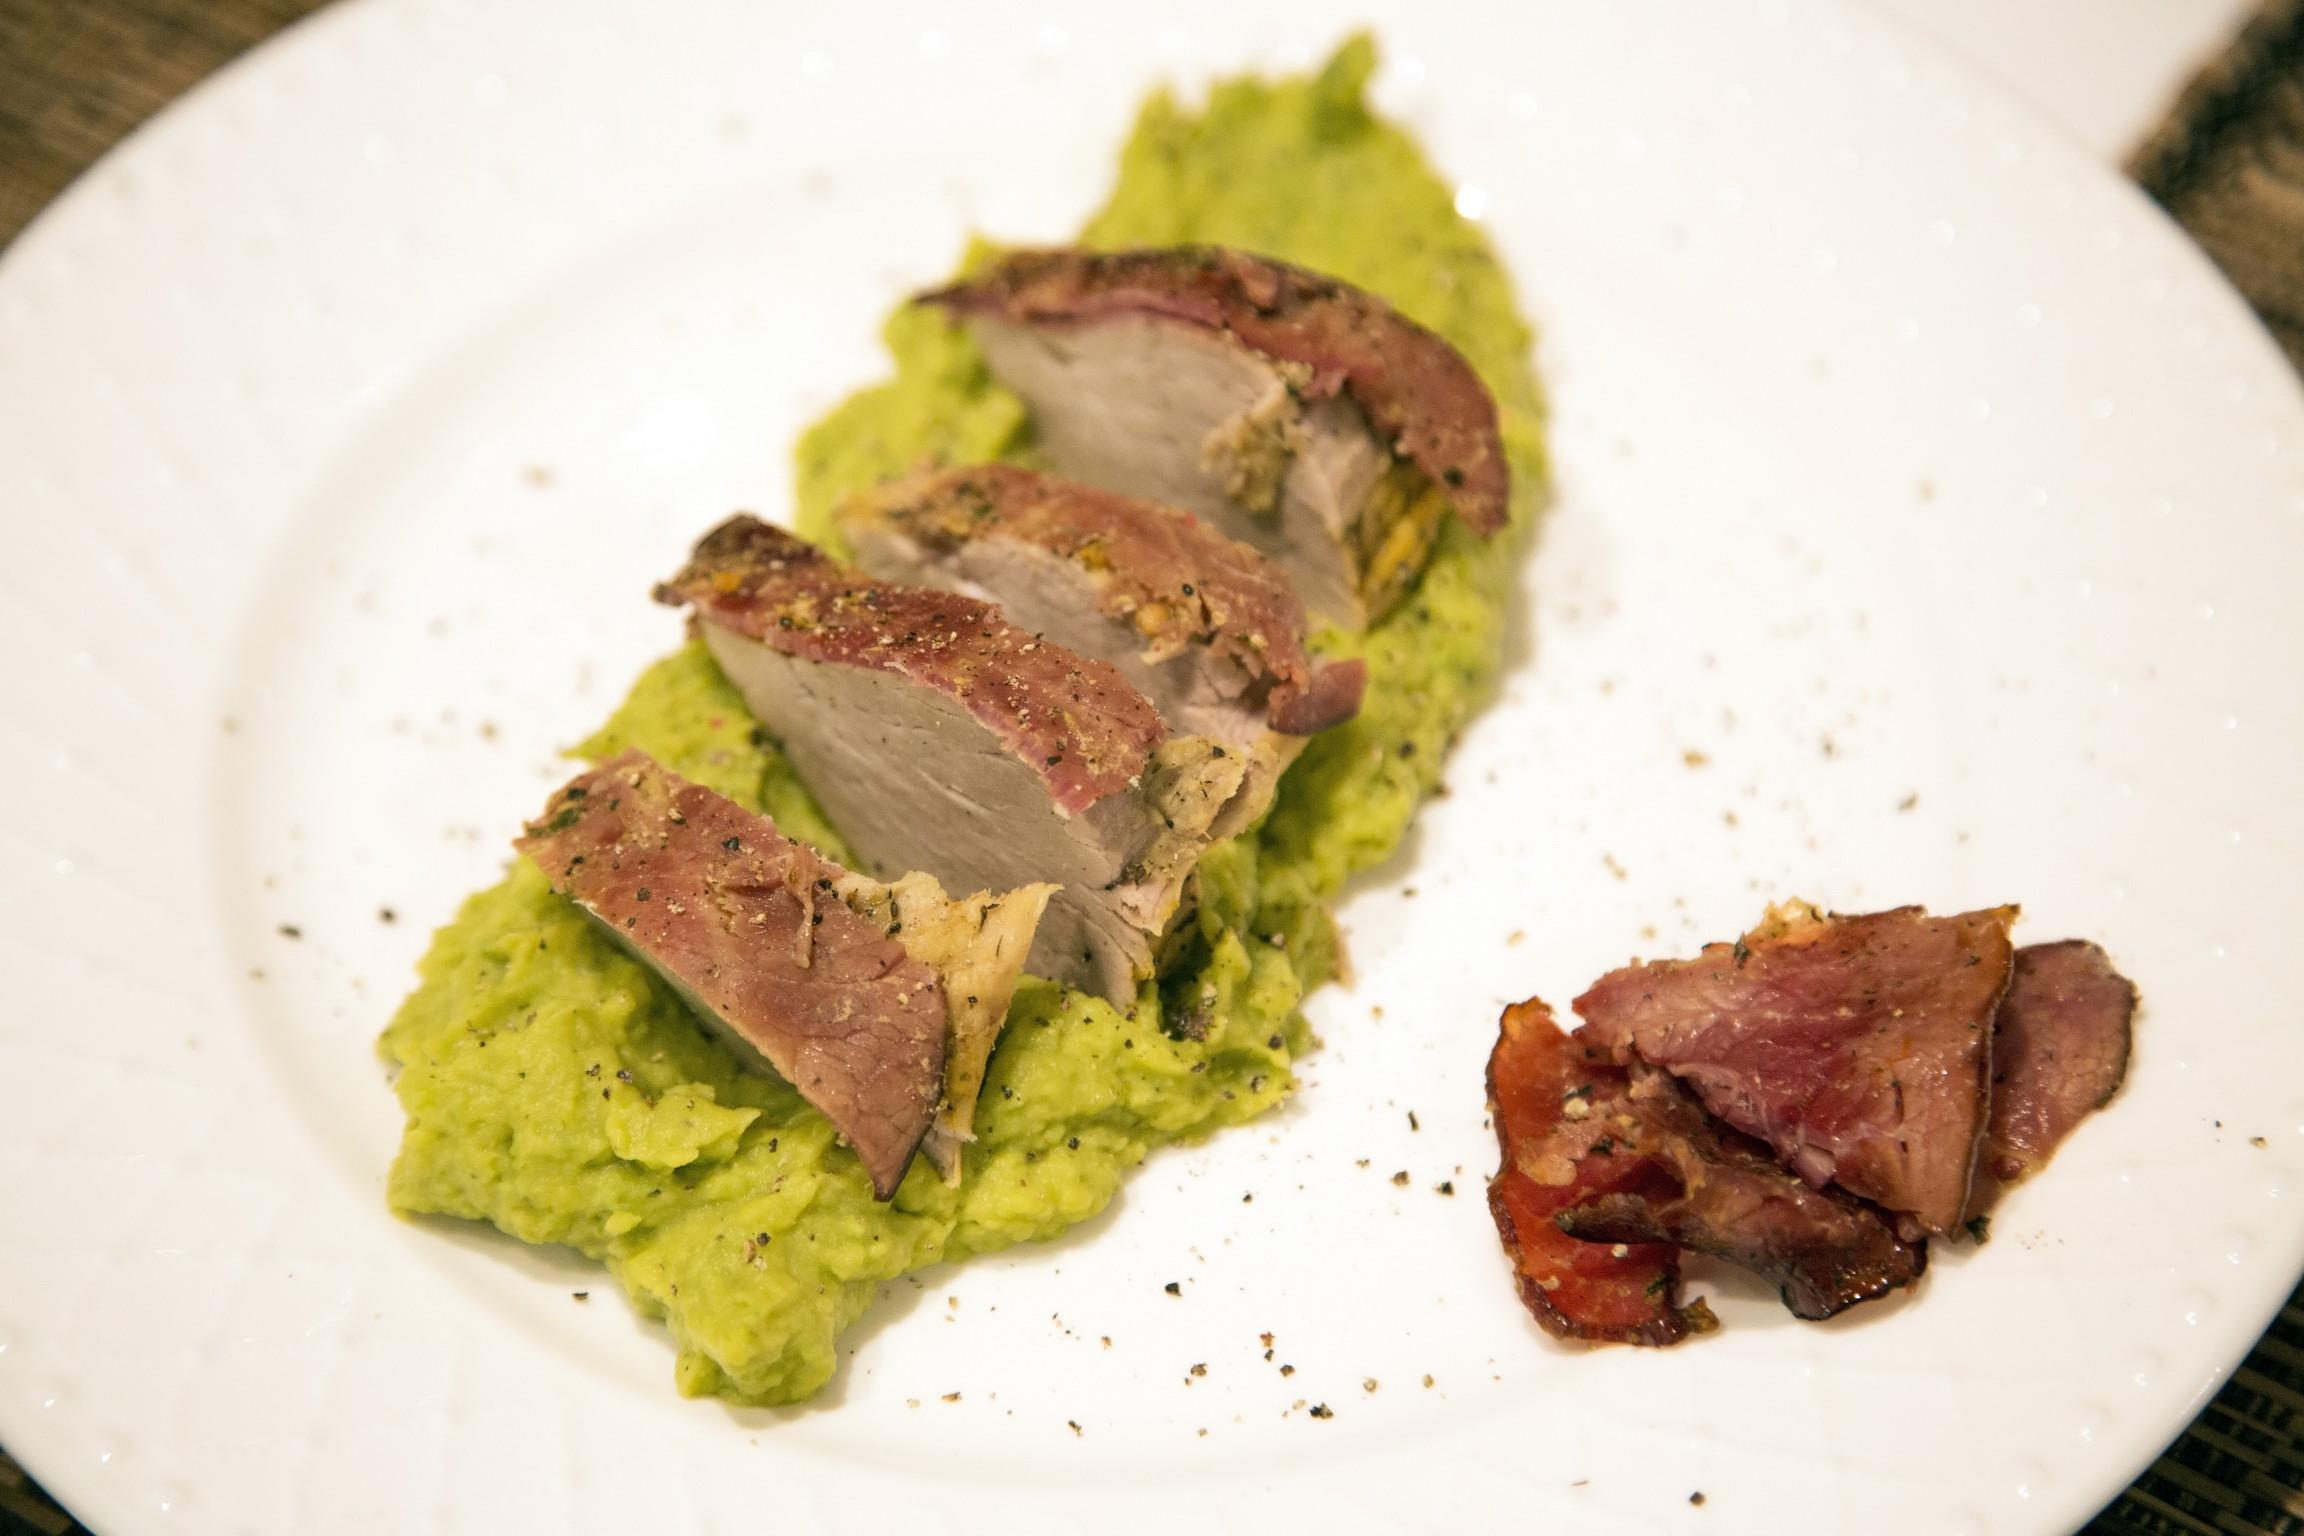 muschiulet de porc invelit in prosciutto de vita